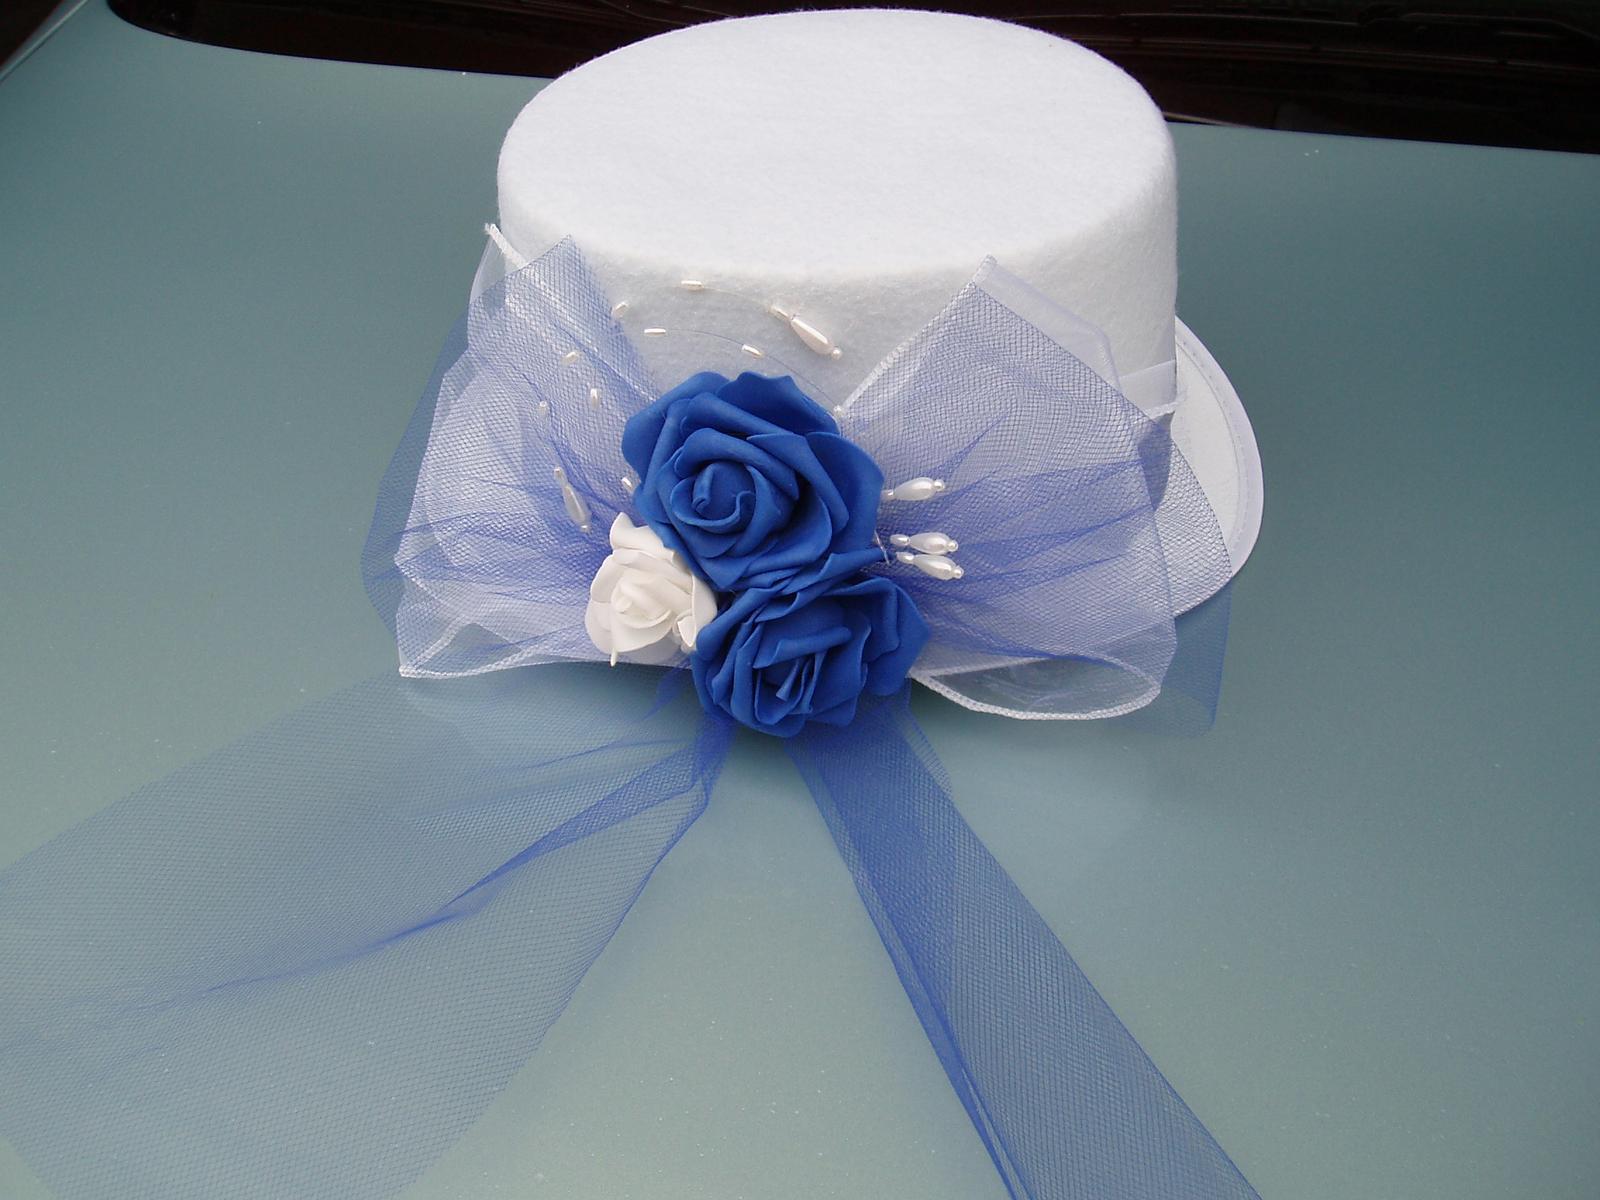 bílý cylindr s modrou růží - Obrázek č. 1